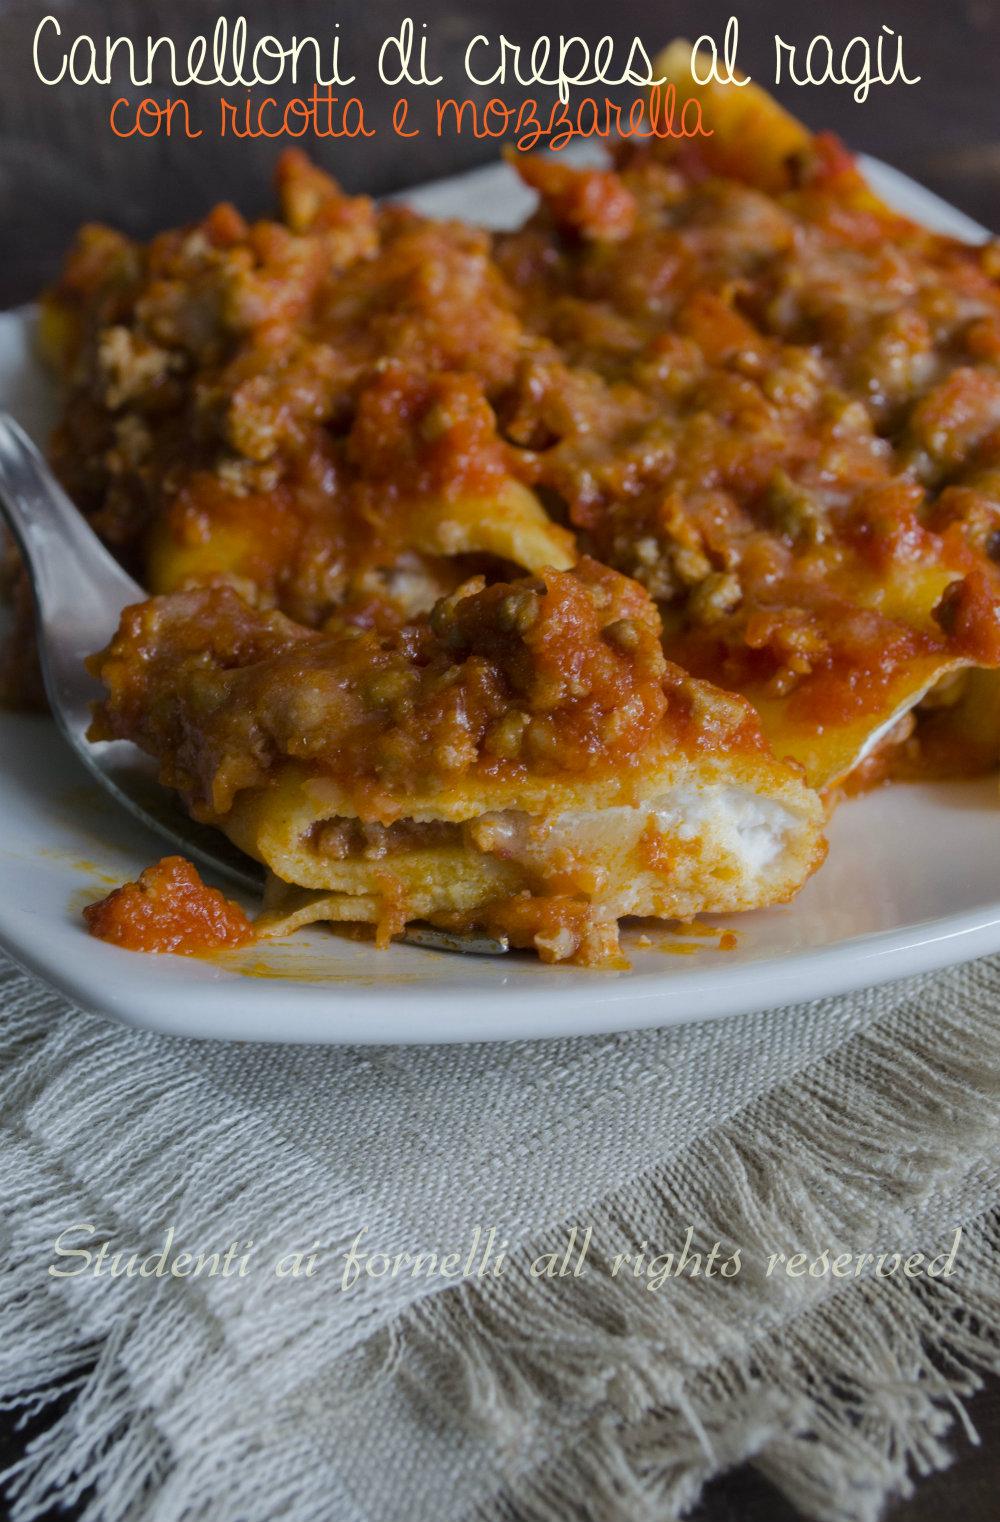 cannelloni di crepes al ragù con ricotta e mozzarella ricetta cannelloni gustosi ripieni (1)